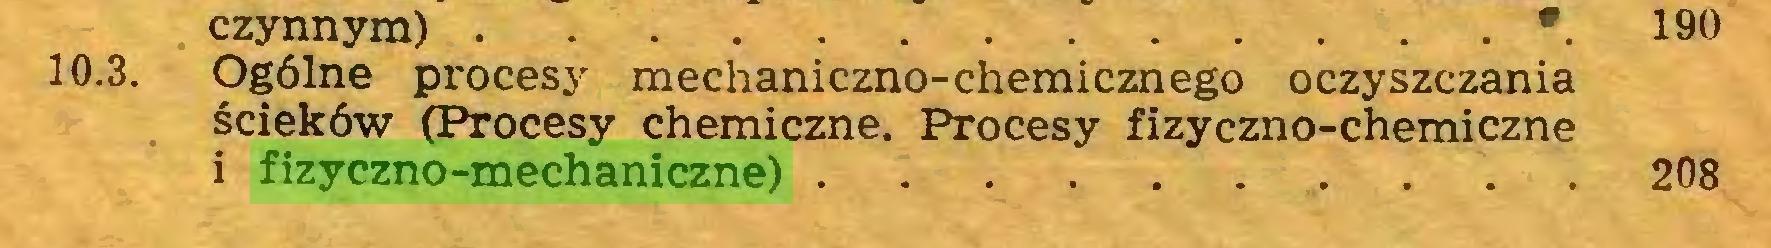 (...) czynnym) *. 190 10.3. Ogólne procesy mechaniczno-chemicznego oczyszczania ścieków (Procesy chemiczne. Procesy fizyczno-chemiczne i fizyczno-mechaniczne) 208...